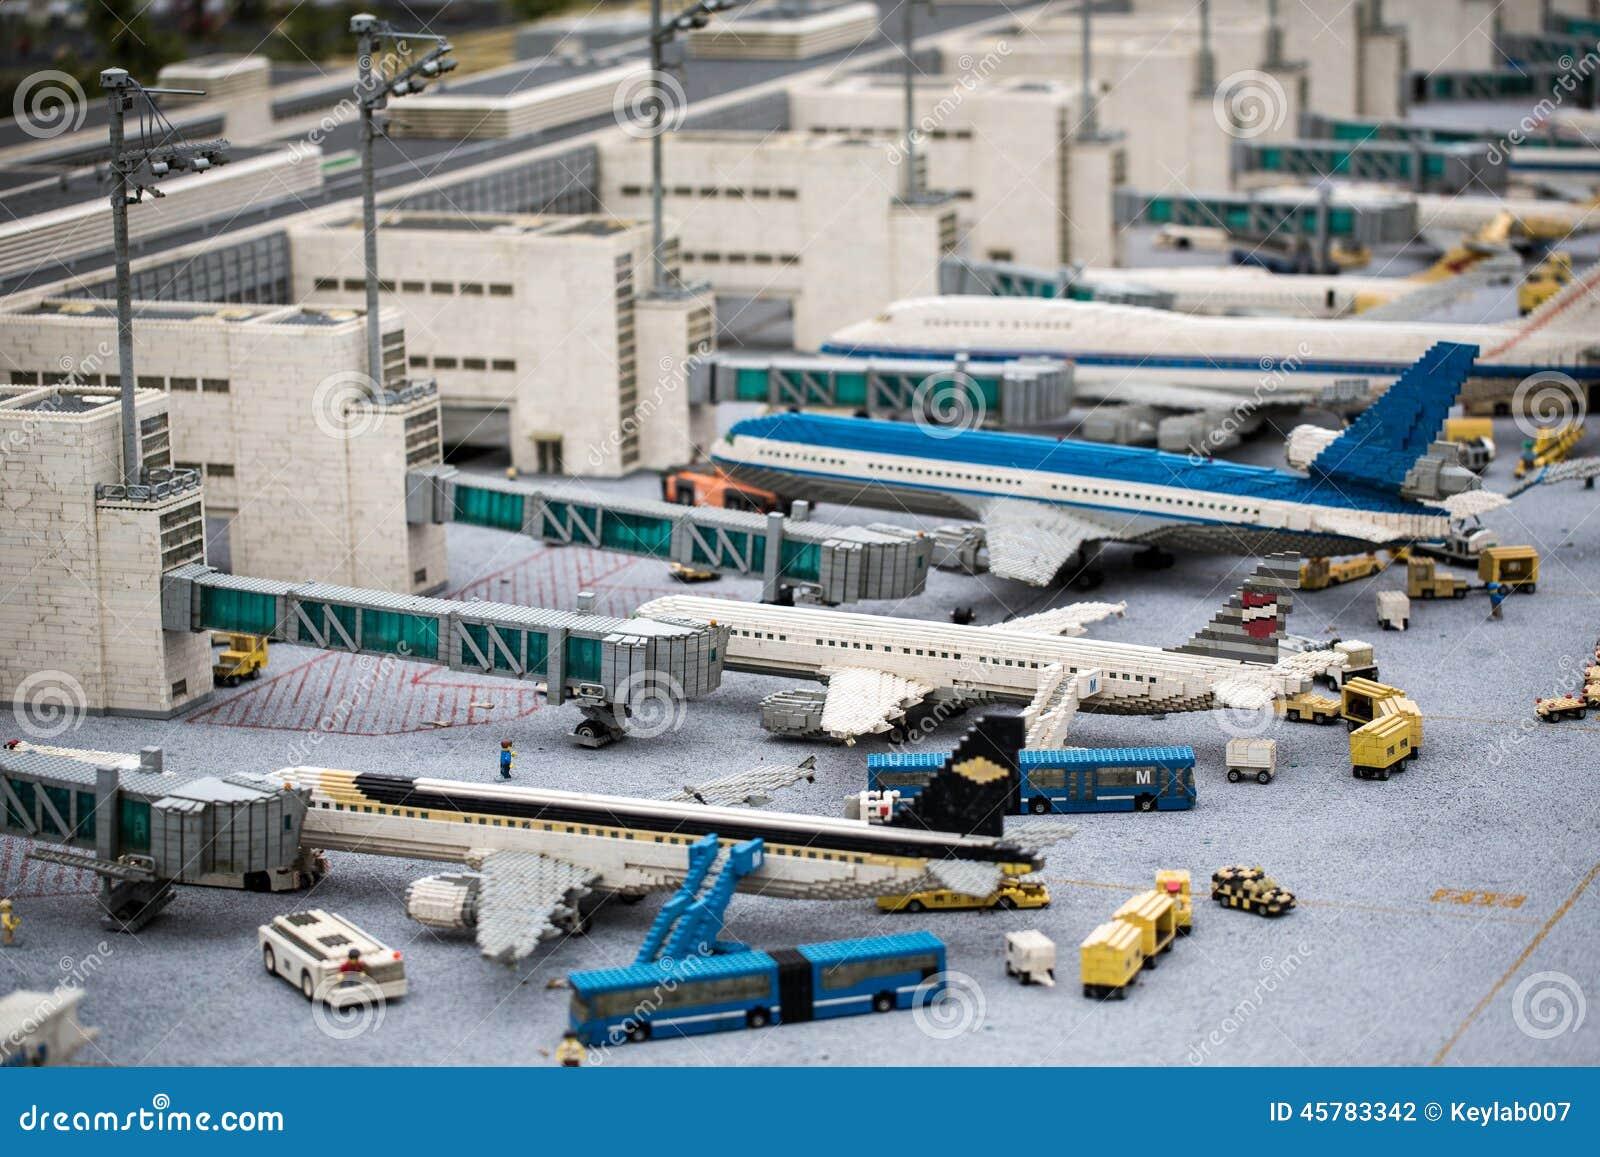 Aeroporto Lego : Aeroporto di configurazione di monaco di baviera in atmosfera di